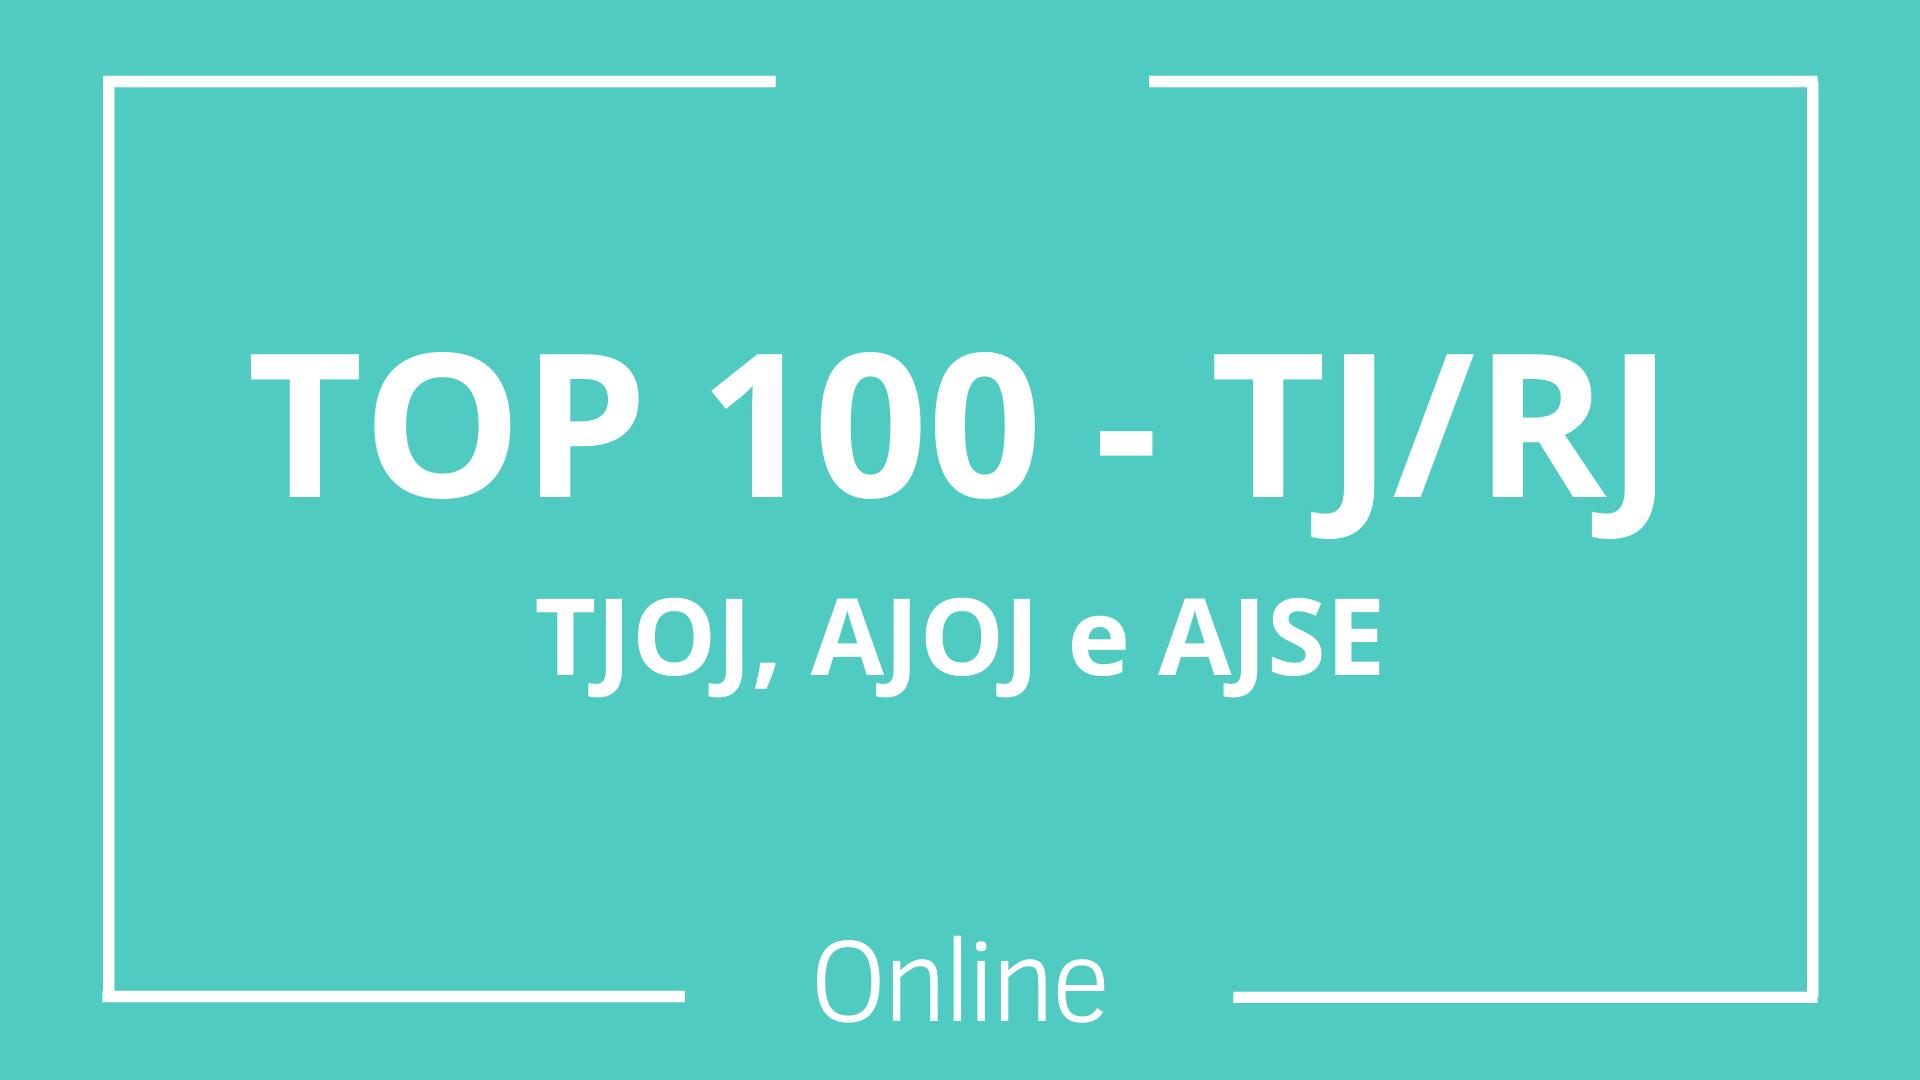 TOP 100 - TJ/RJ - Combo - Online